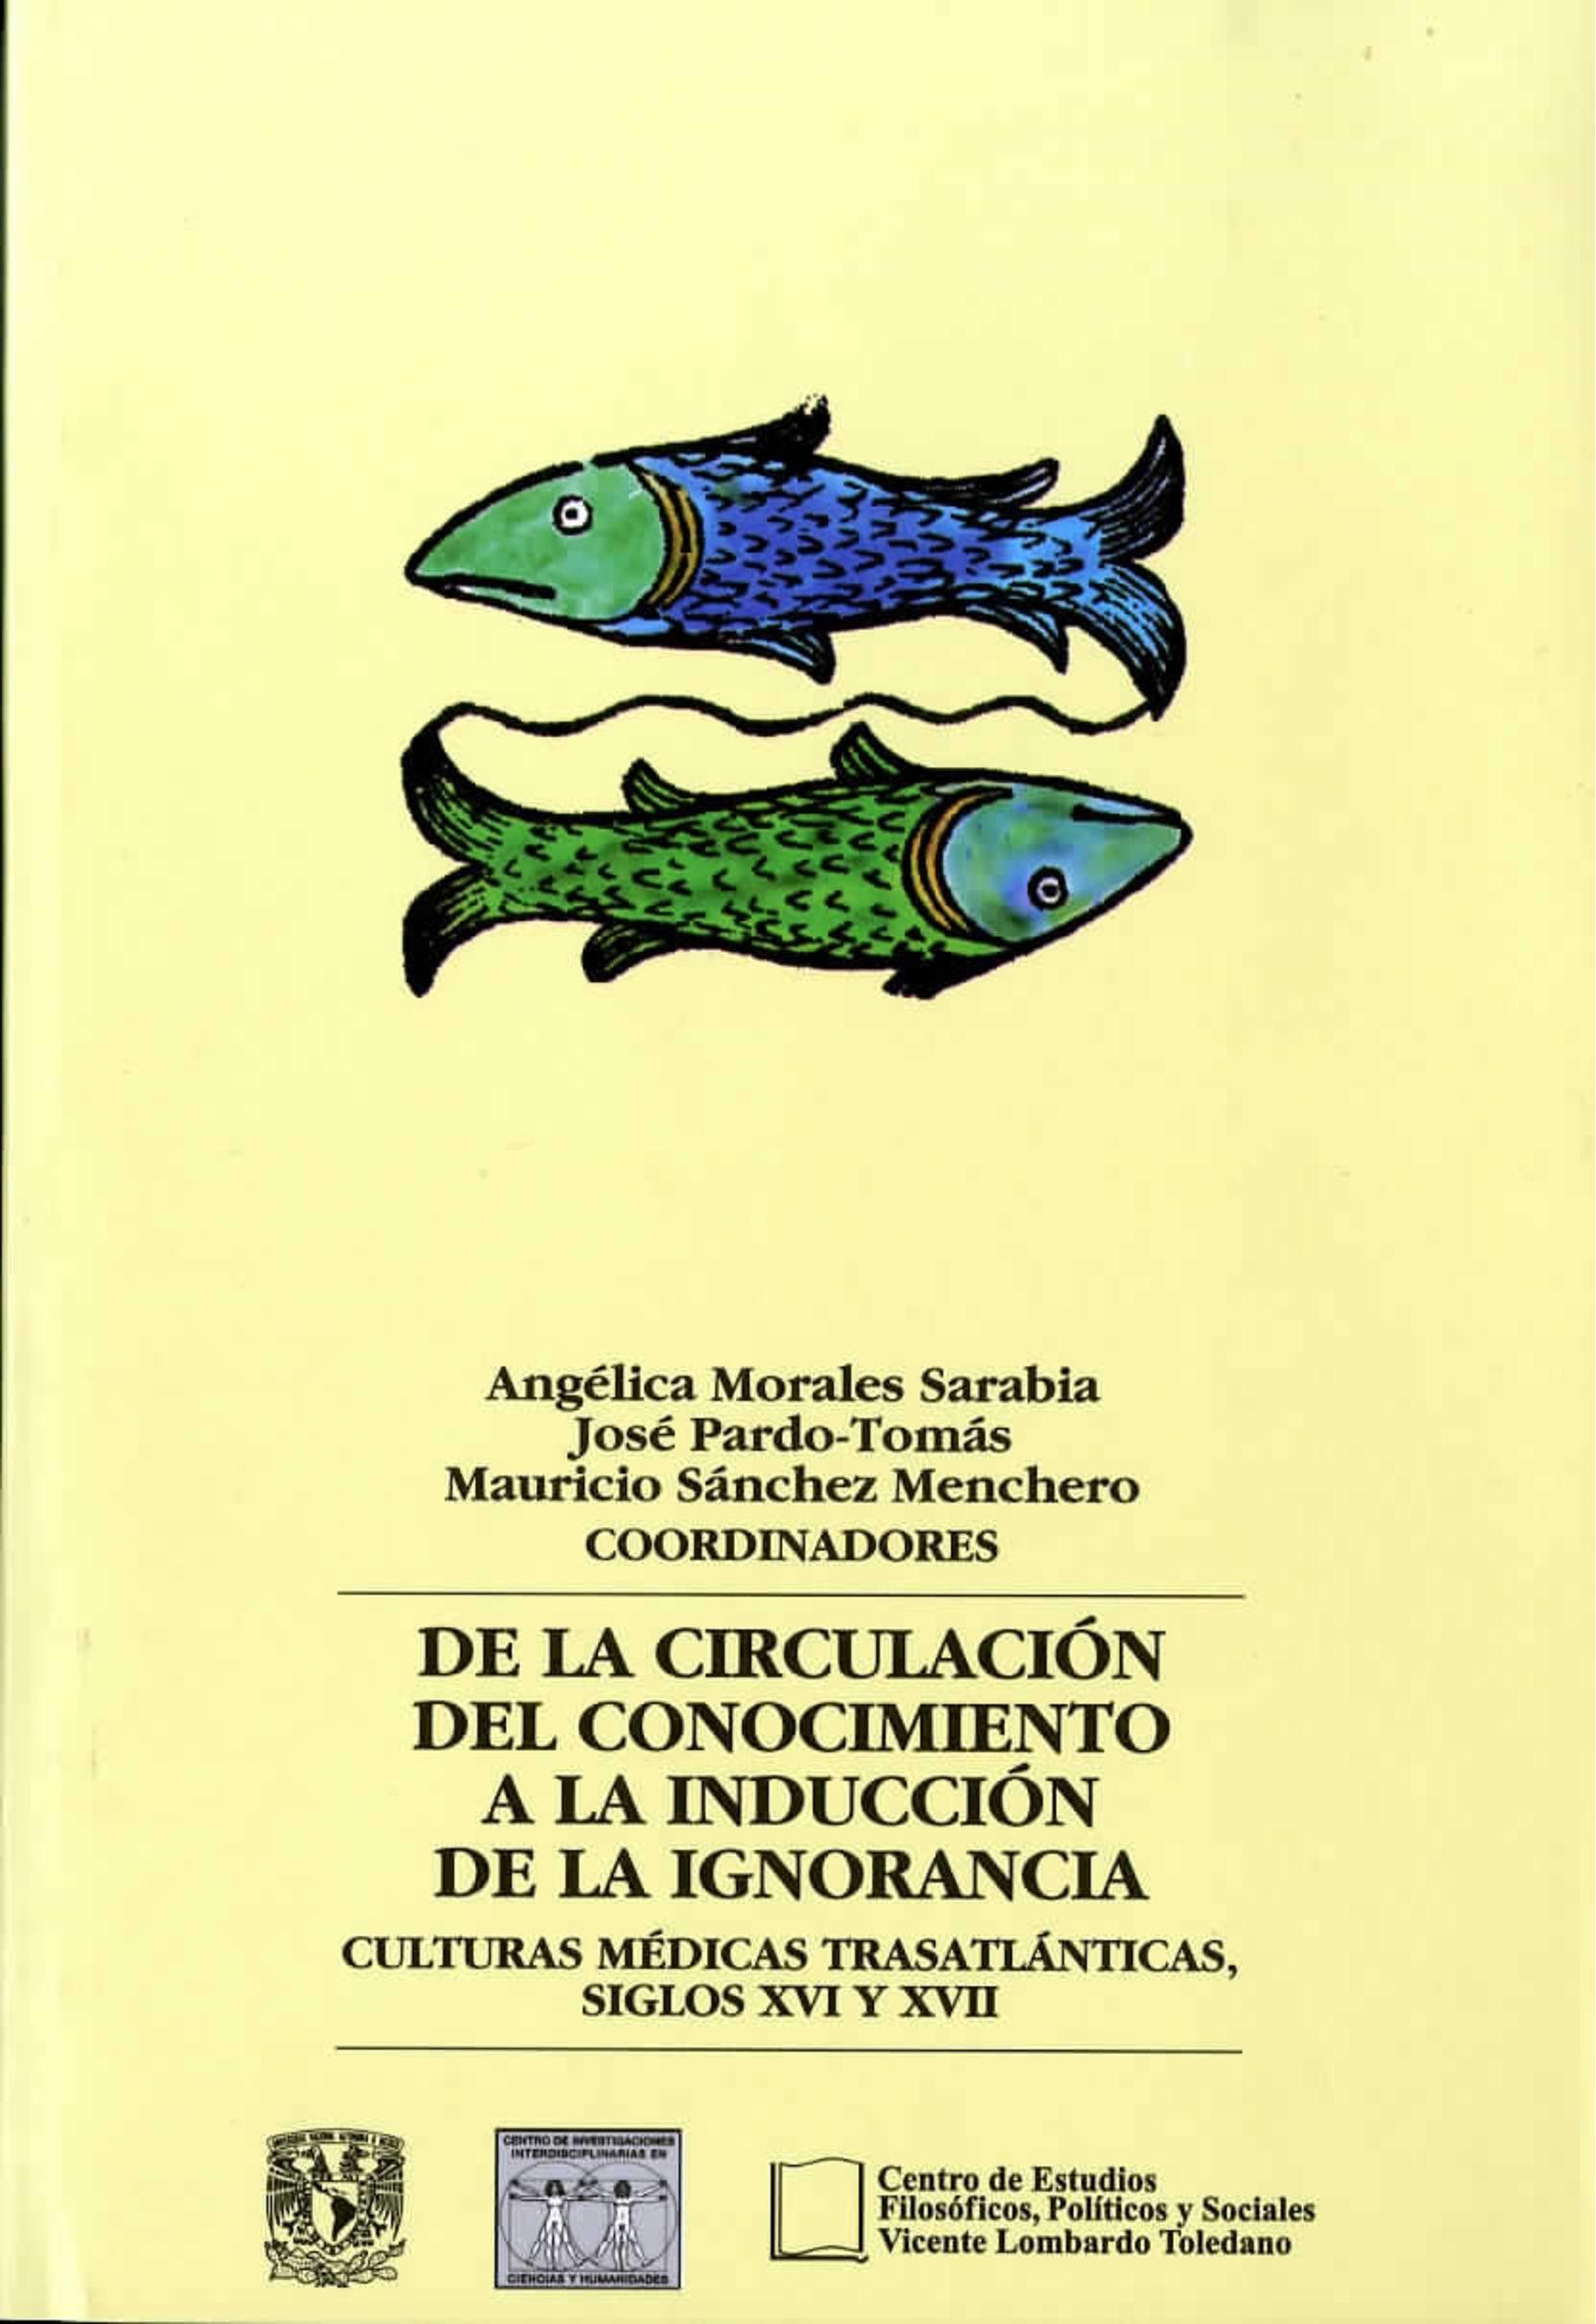 Portada del libro: De la circulación del conocimiento a la inducción de la ignorancia. Culturas médicas trasatlánticas, siglos XVI y XVII